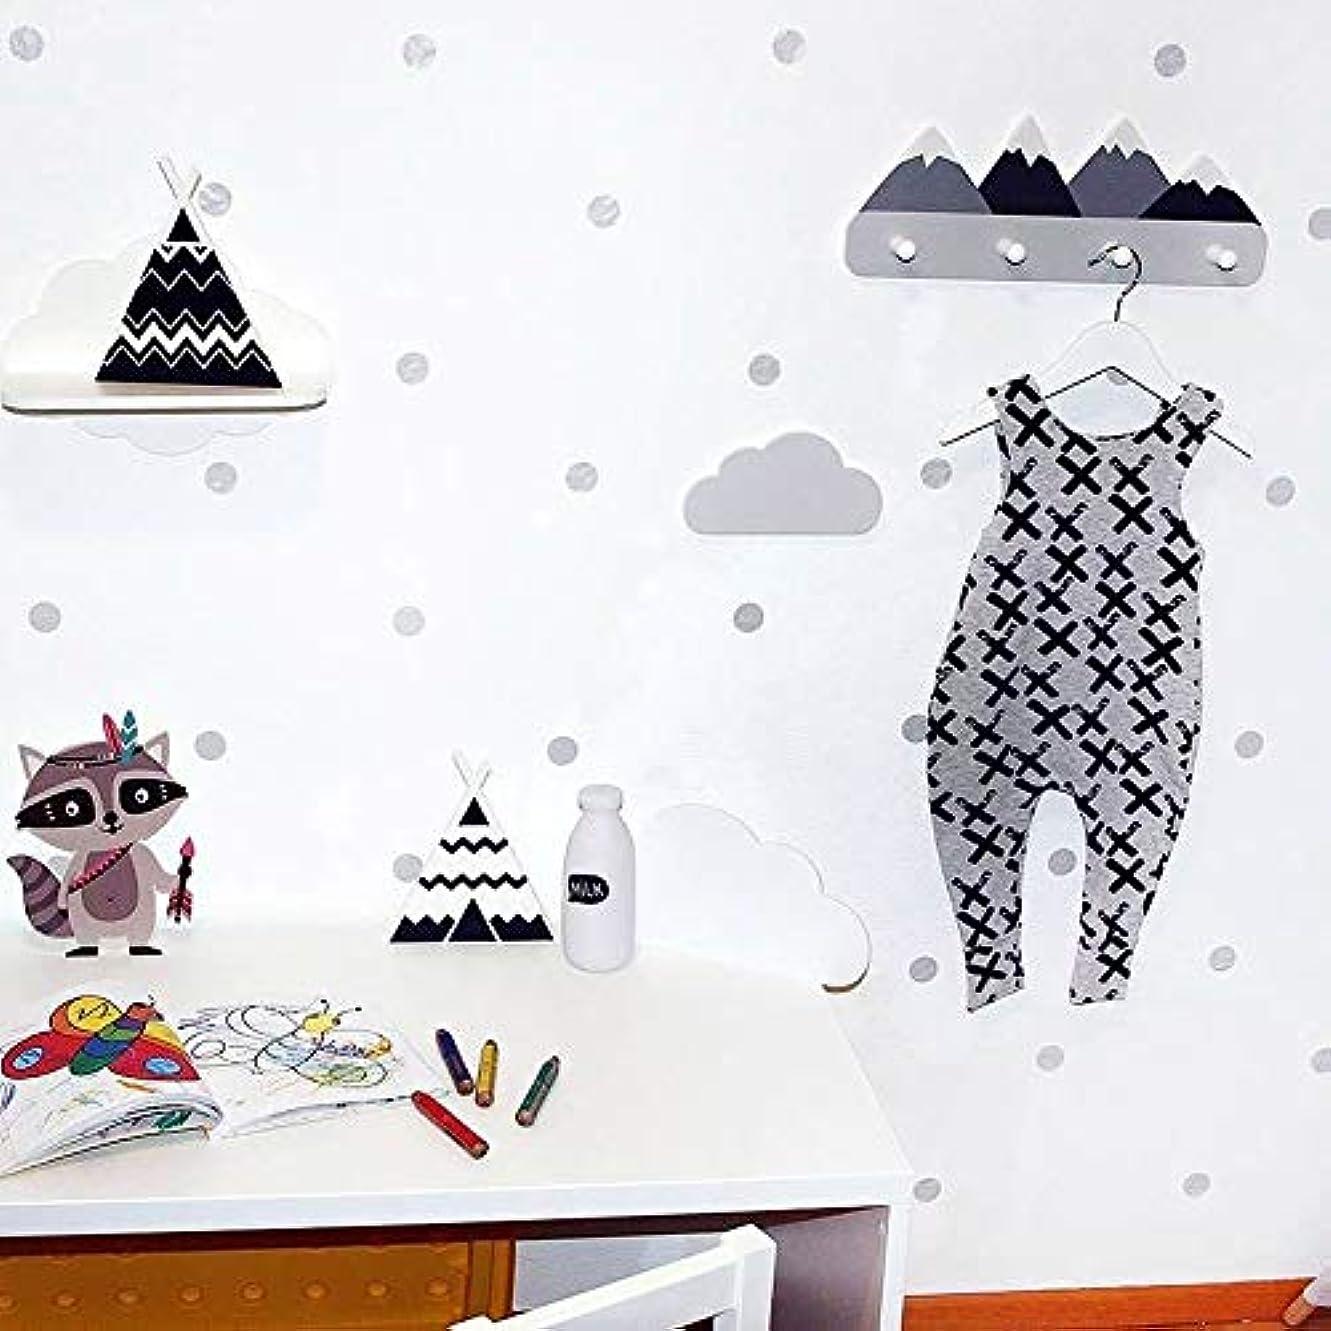 北欧スタイル木製マウンテン子供コートラック幾何学的マウンテンアート棚用服4フックの1ピースキッズルームの装飾アイデアギフト (スノーマウンテン)